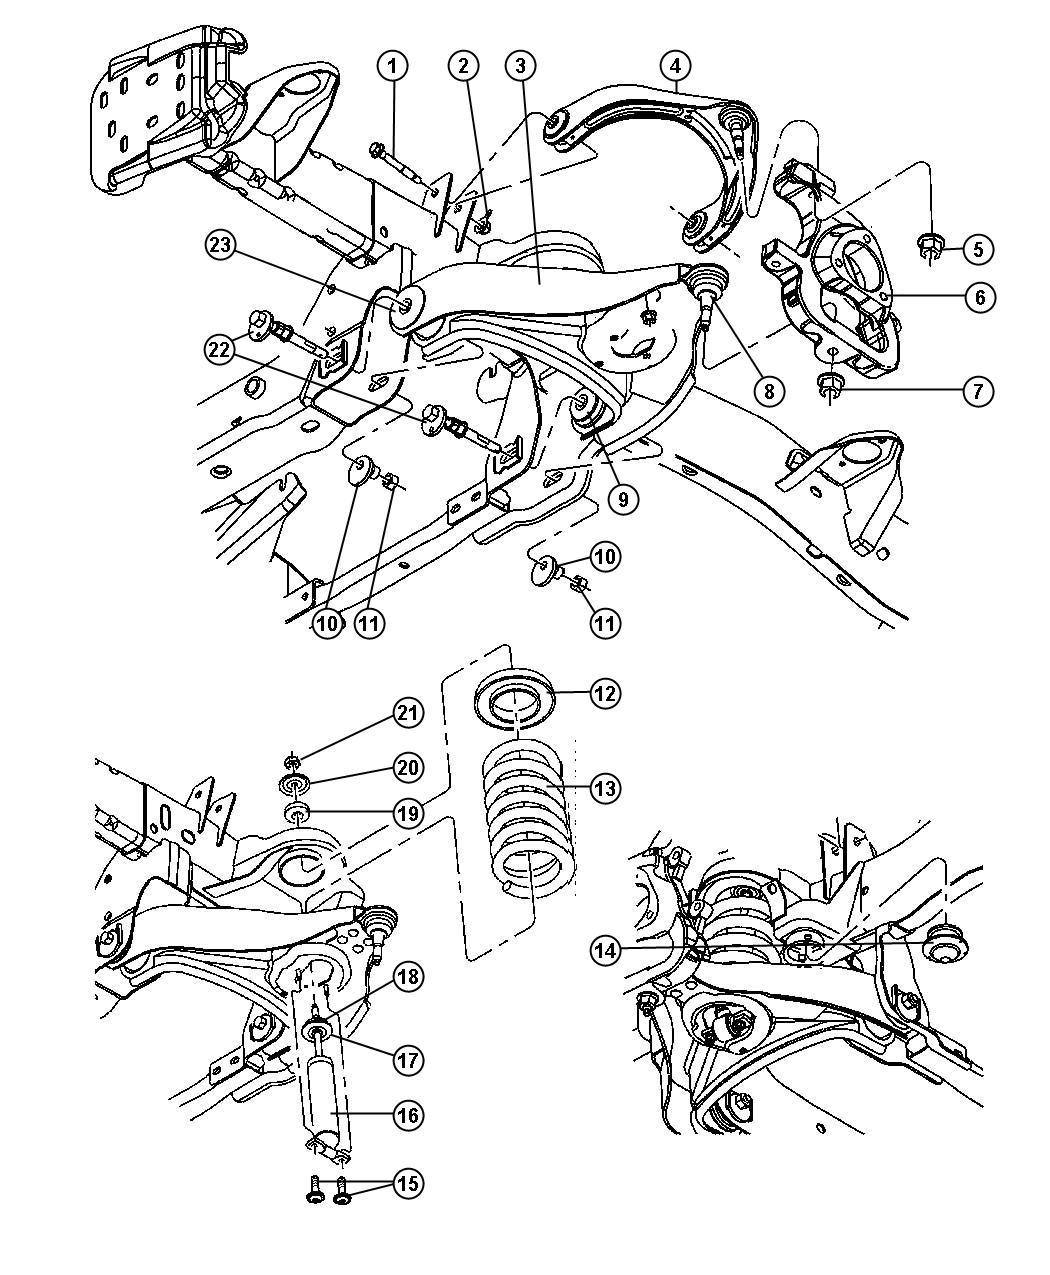 2006 Dodge Ram 1500 Shock absorber package. Suspension